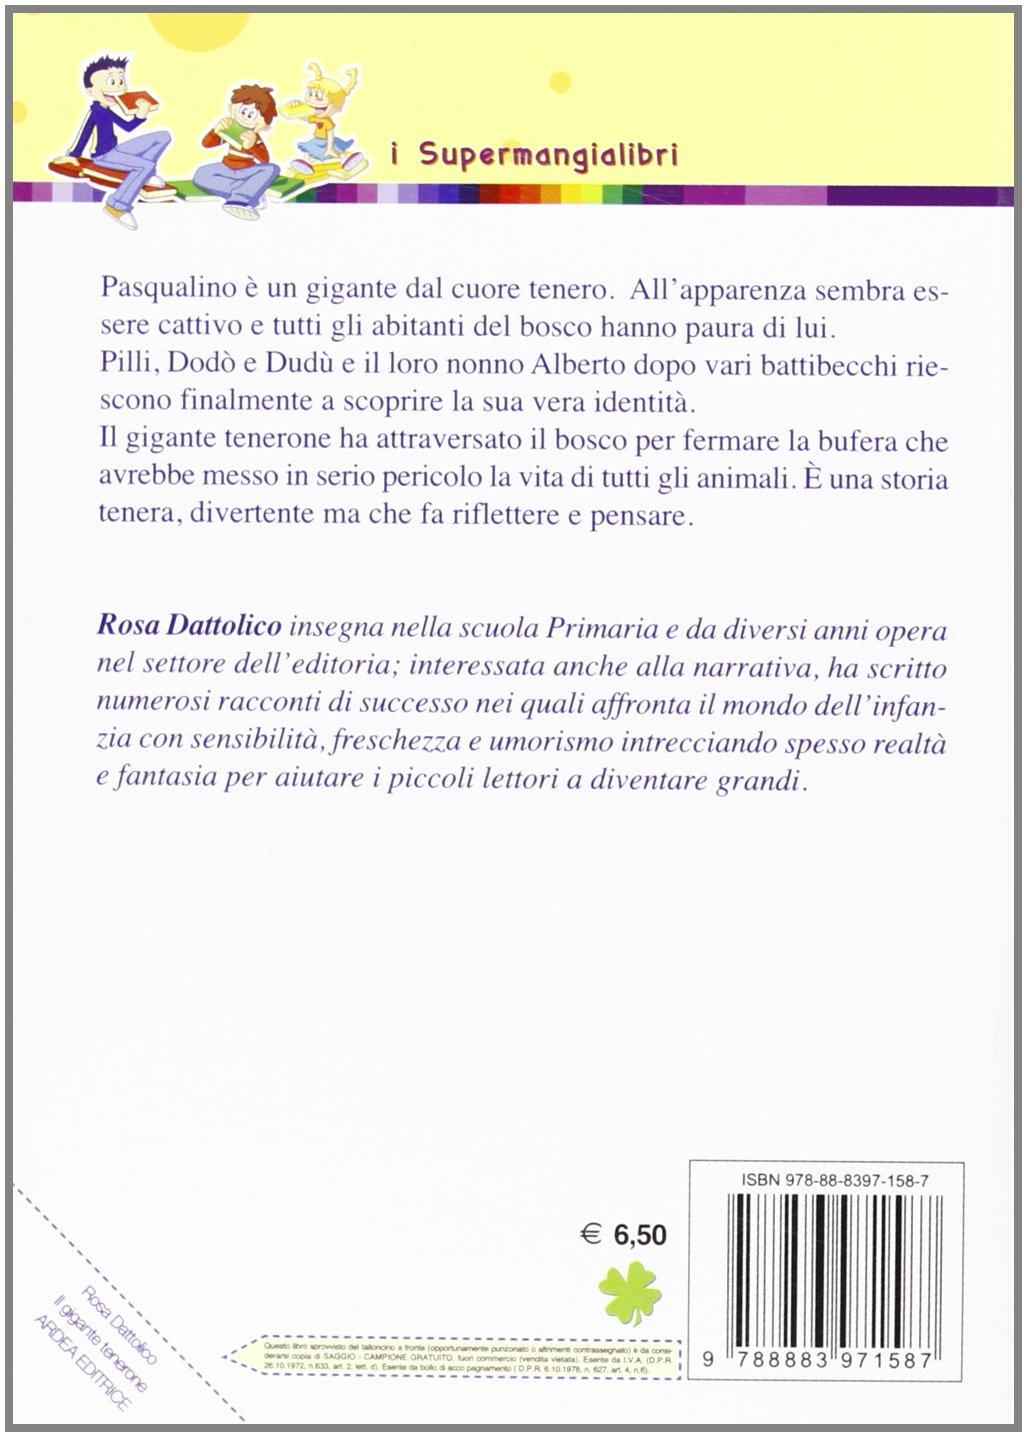 Il gigante tenerone: Amazon co uk: Rosa Dattolico: 9788883971587: Books